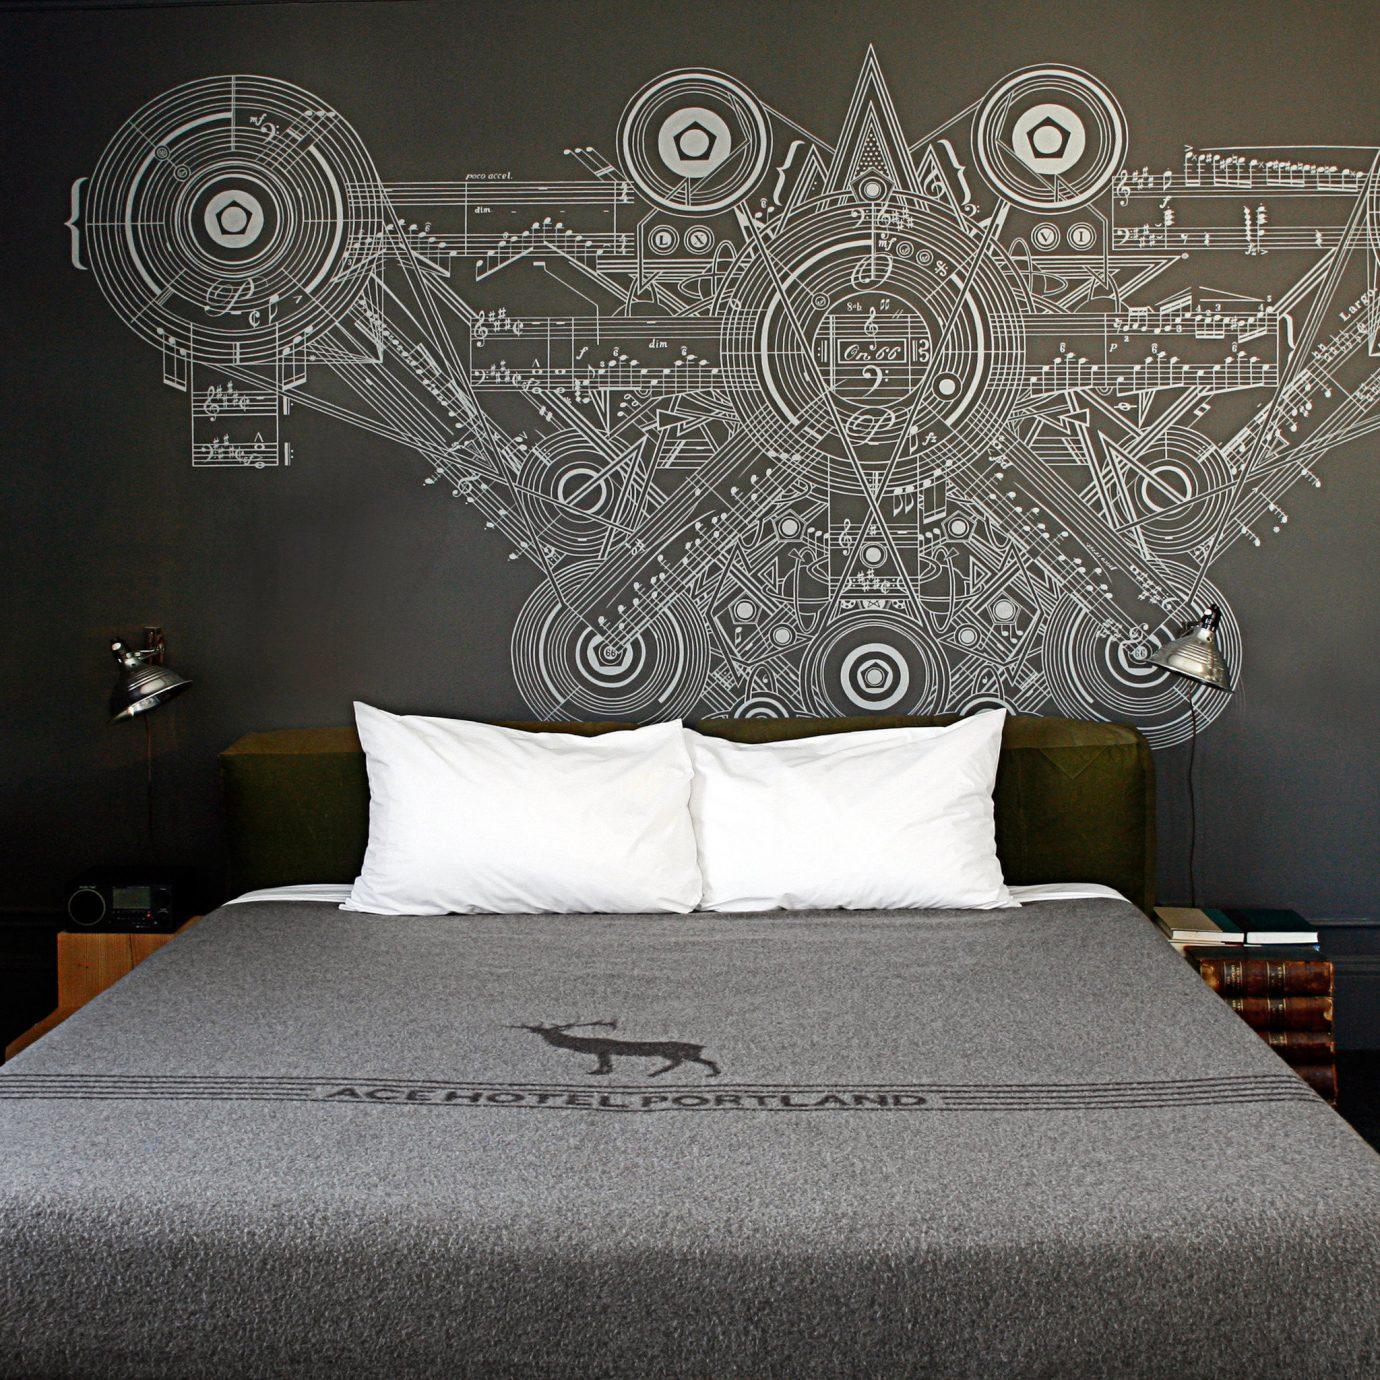 duplicate Bedroom